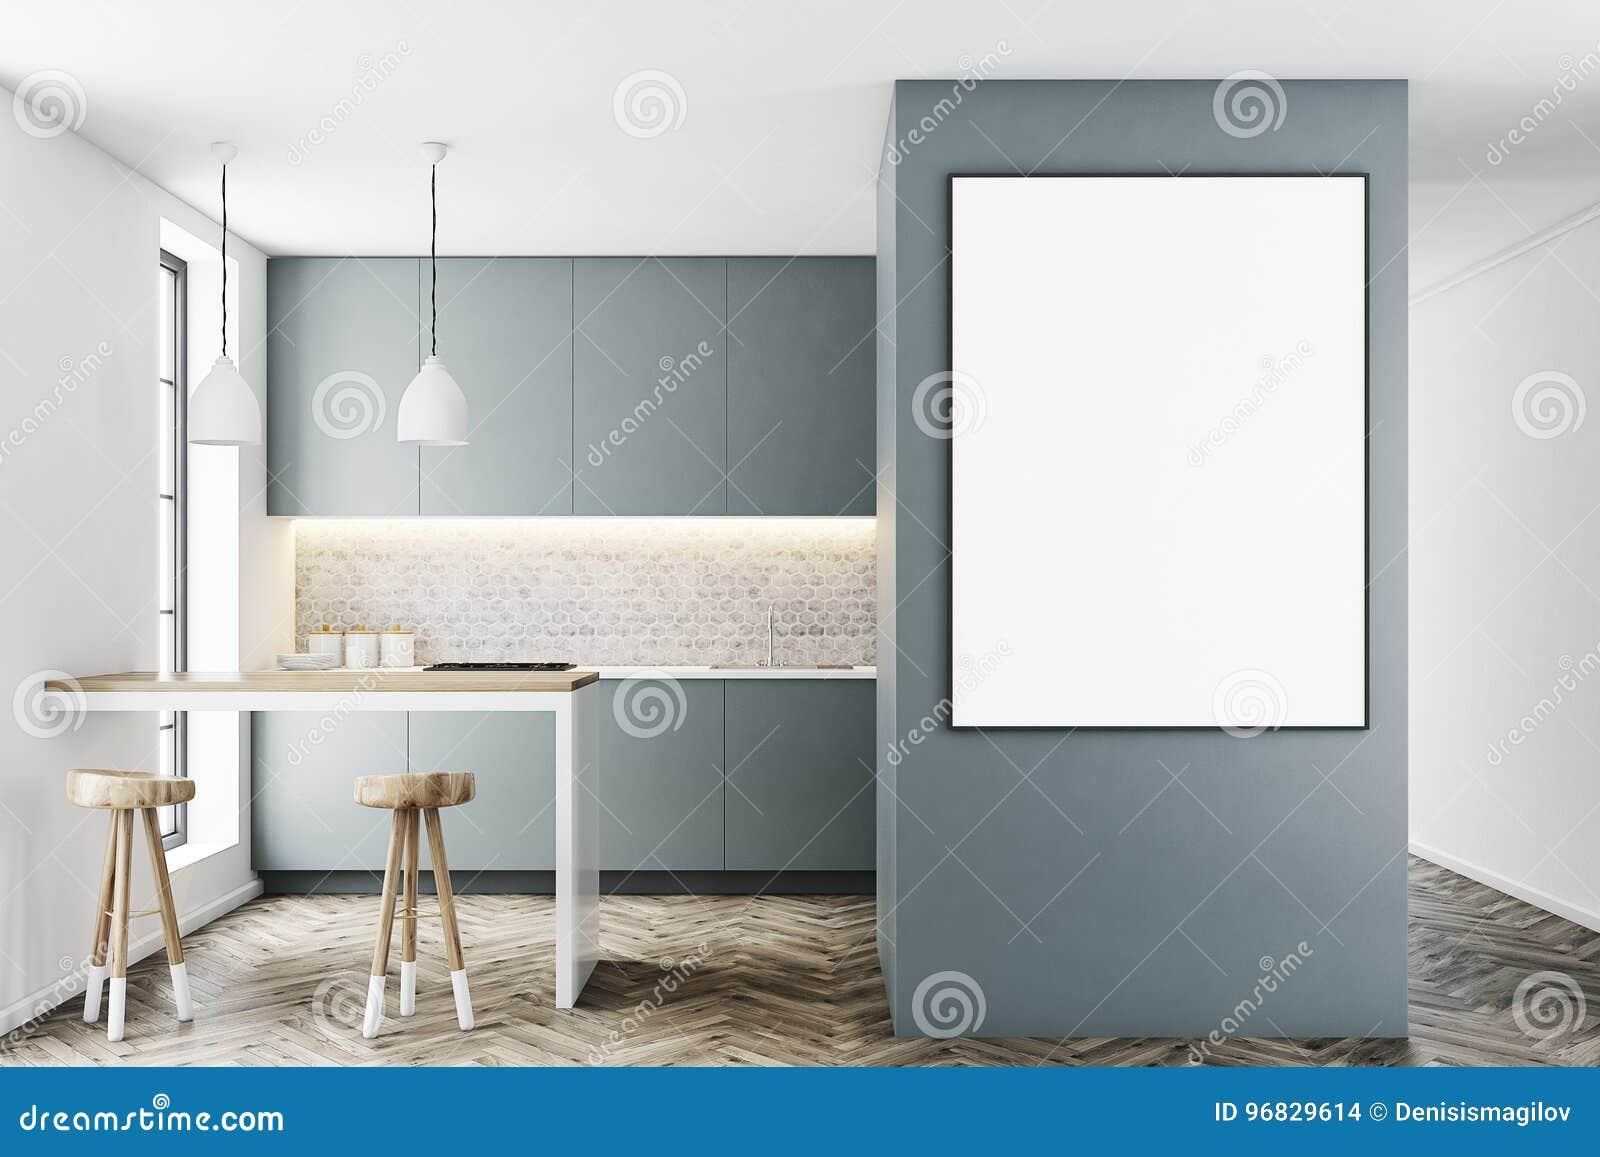 Interieur Gris De Cuisine Avec Une Barre Affiche Illustration Stock